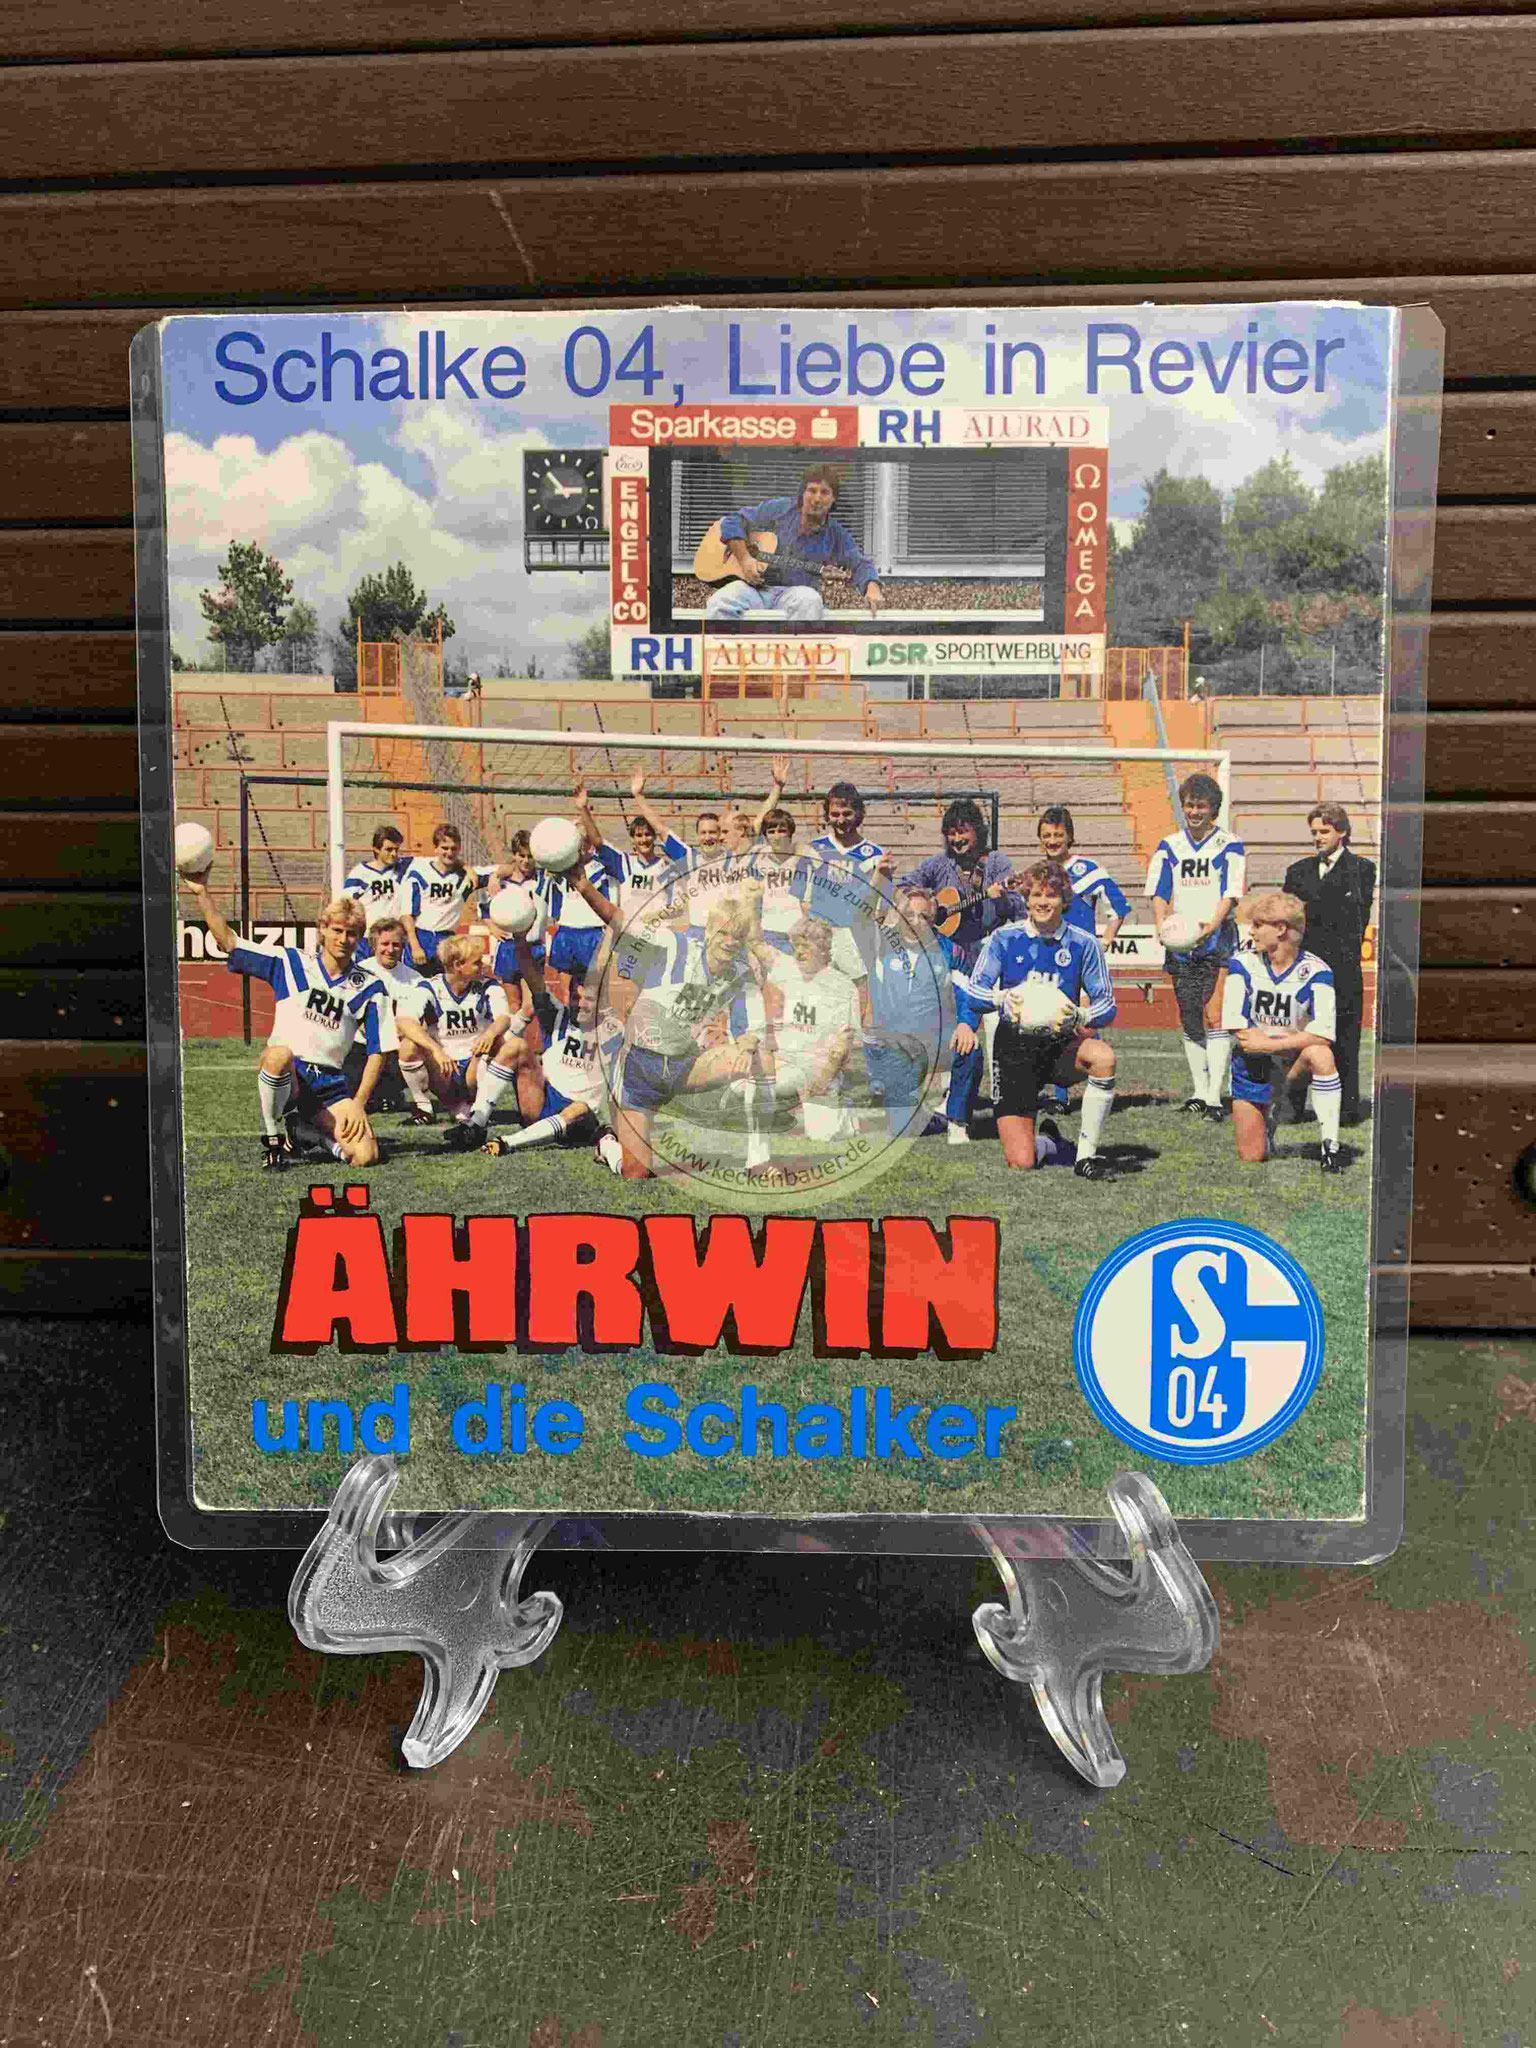 1989 Schalke 04  Liebe im Revier Ährwin und die Schalker